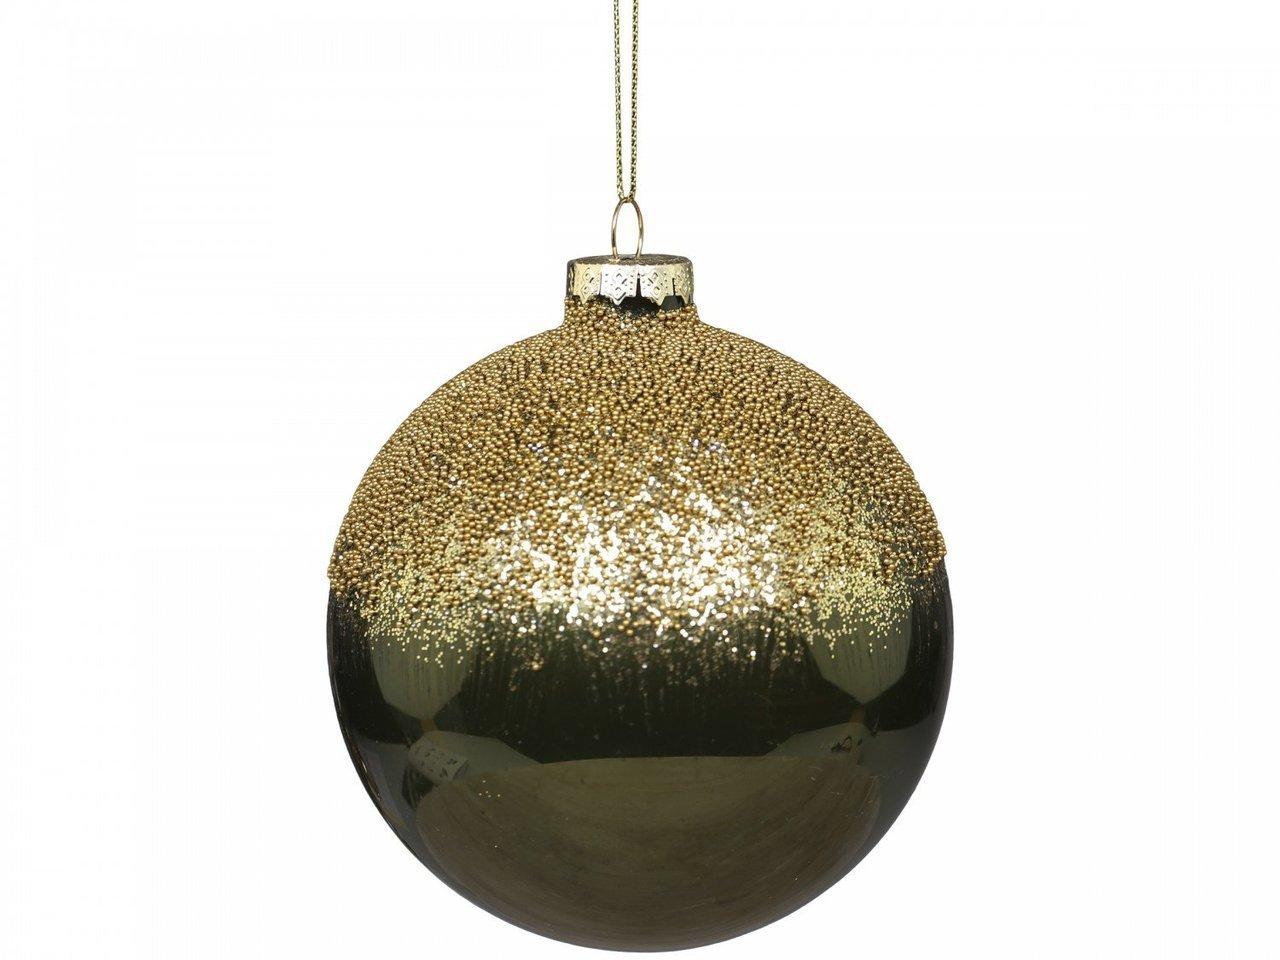 Chic Antique Weihnachtskugel mit goldener Perlenoberseite